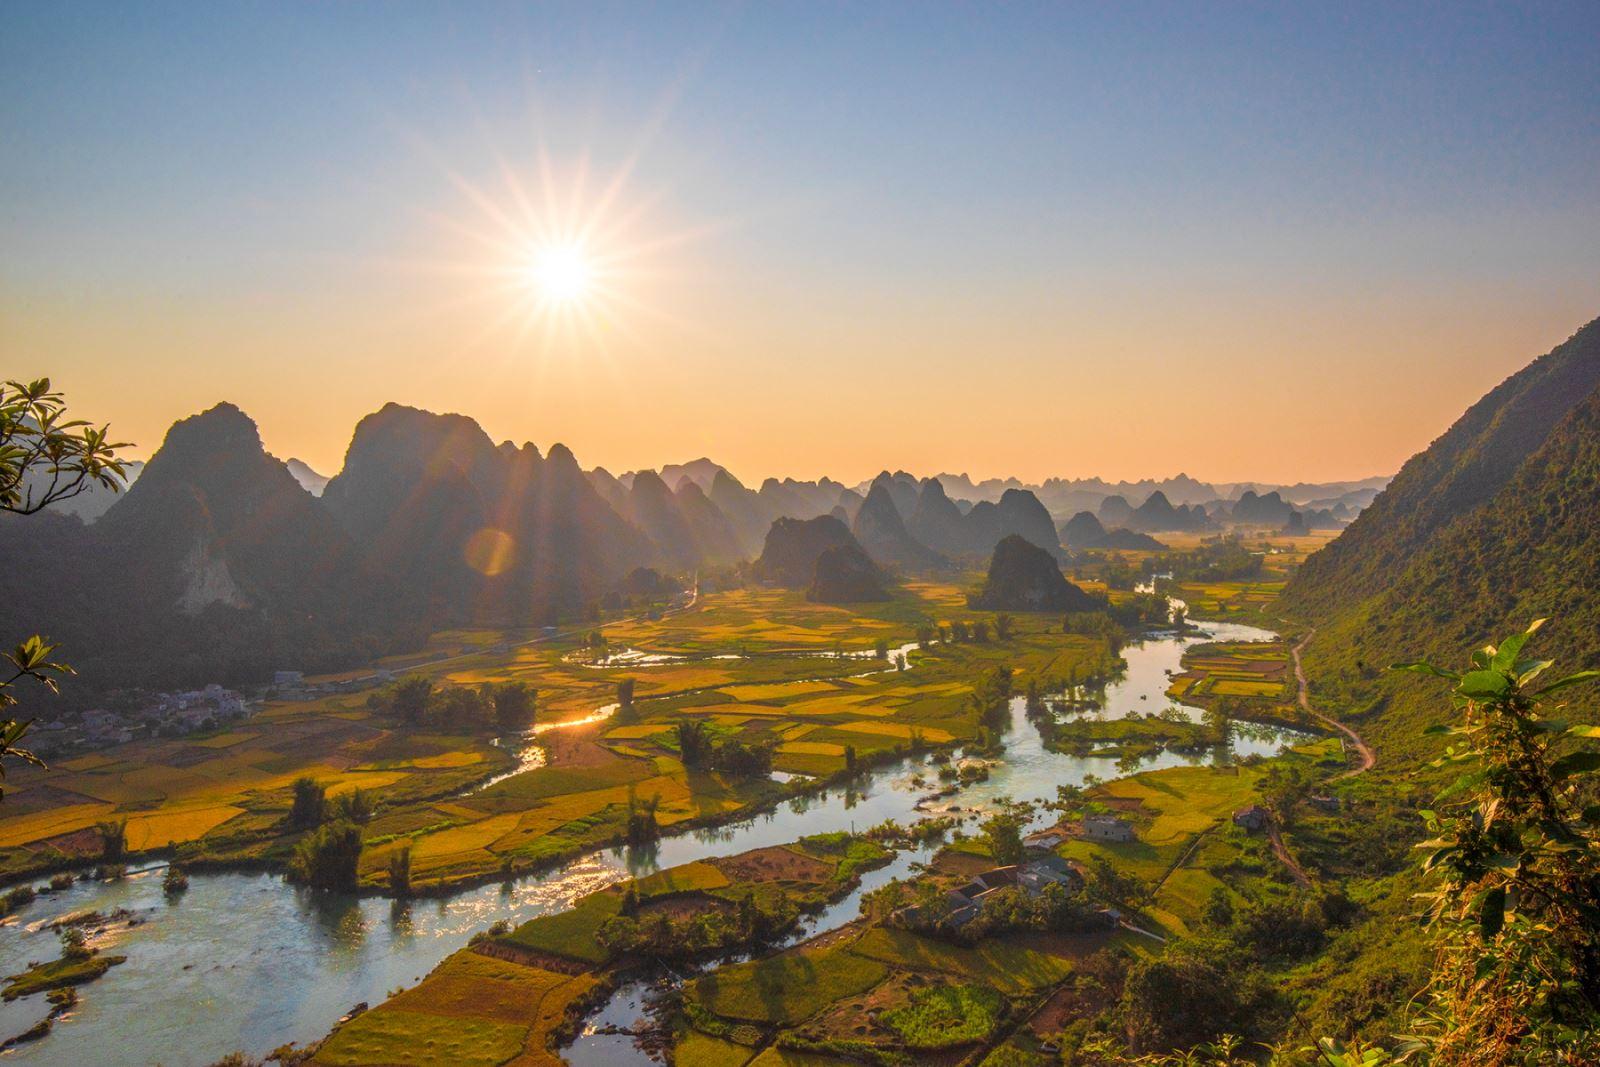 Thung lũng Ngọc Côn ngập một màu vàng của lúa chín bên dòng sông Quây Sơn trong ánh bình minh.